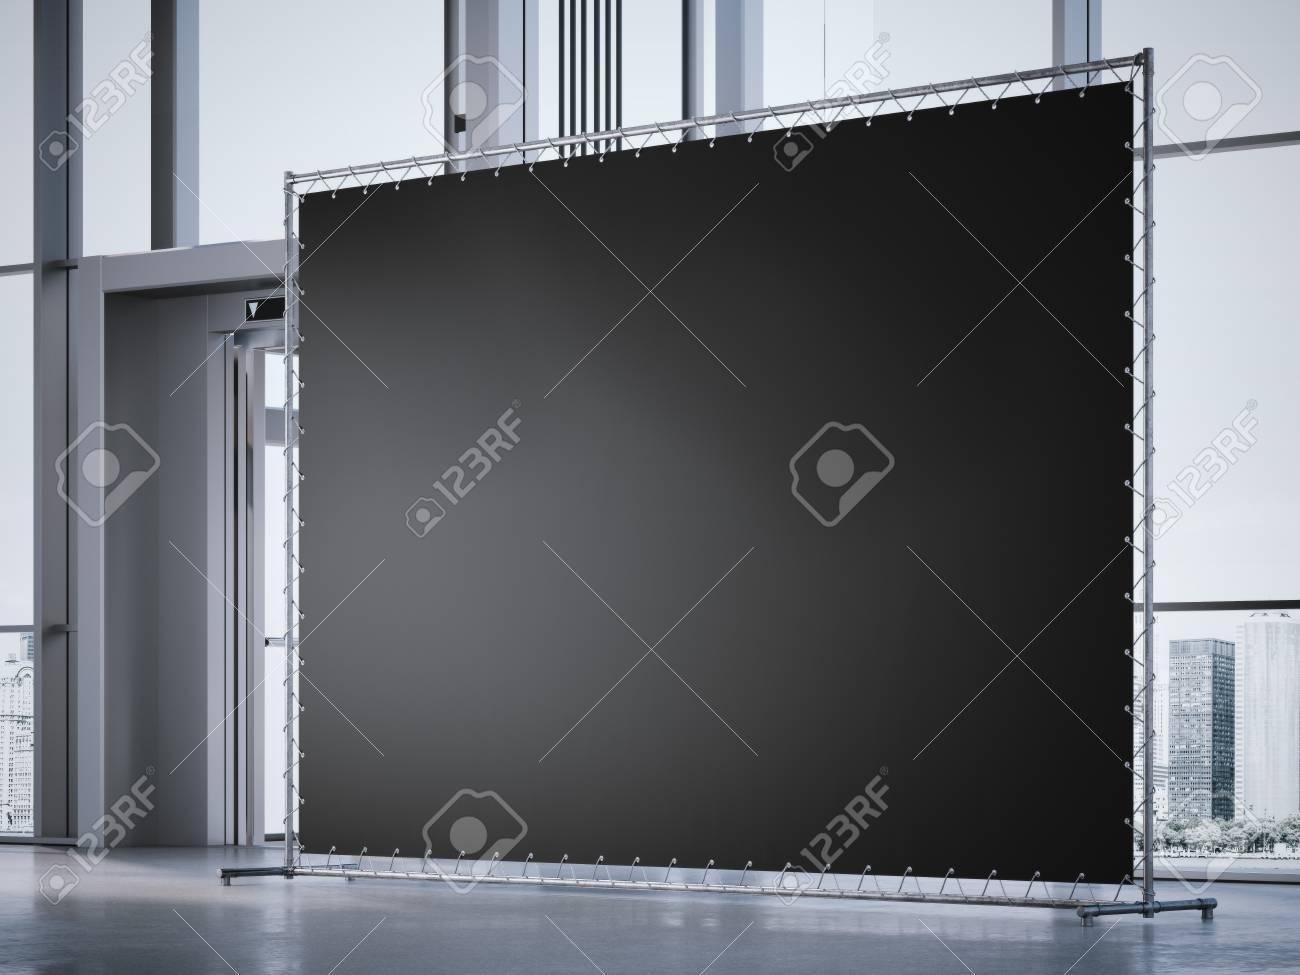 Bannière noire vierge dans la salle moderne du bureau. rendu 3d